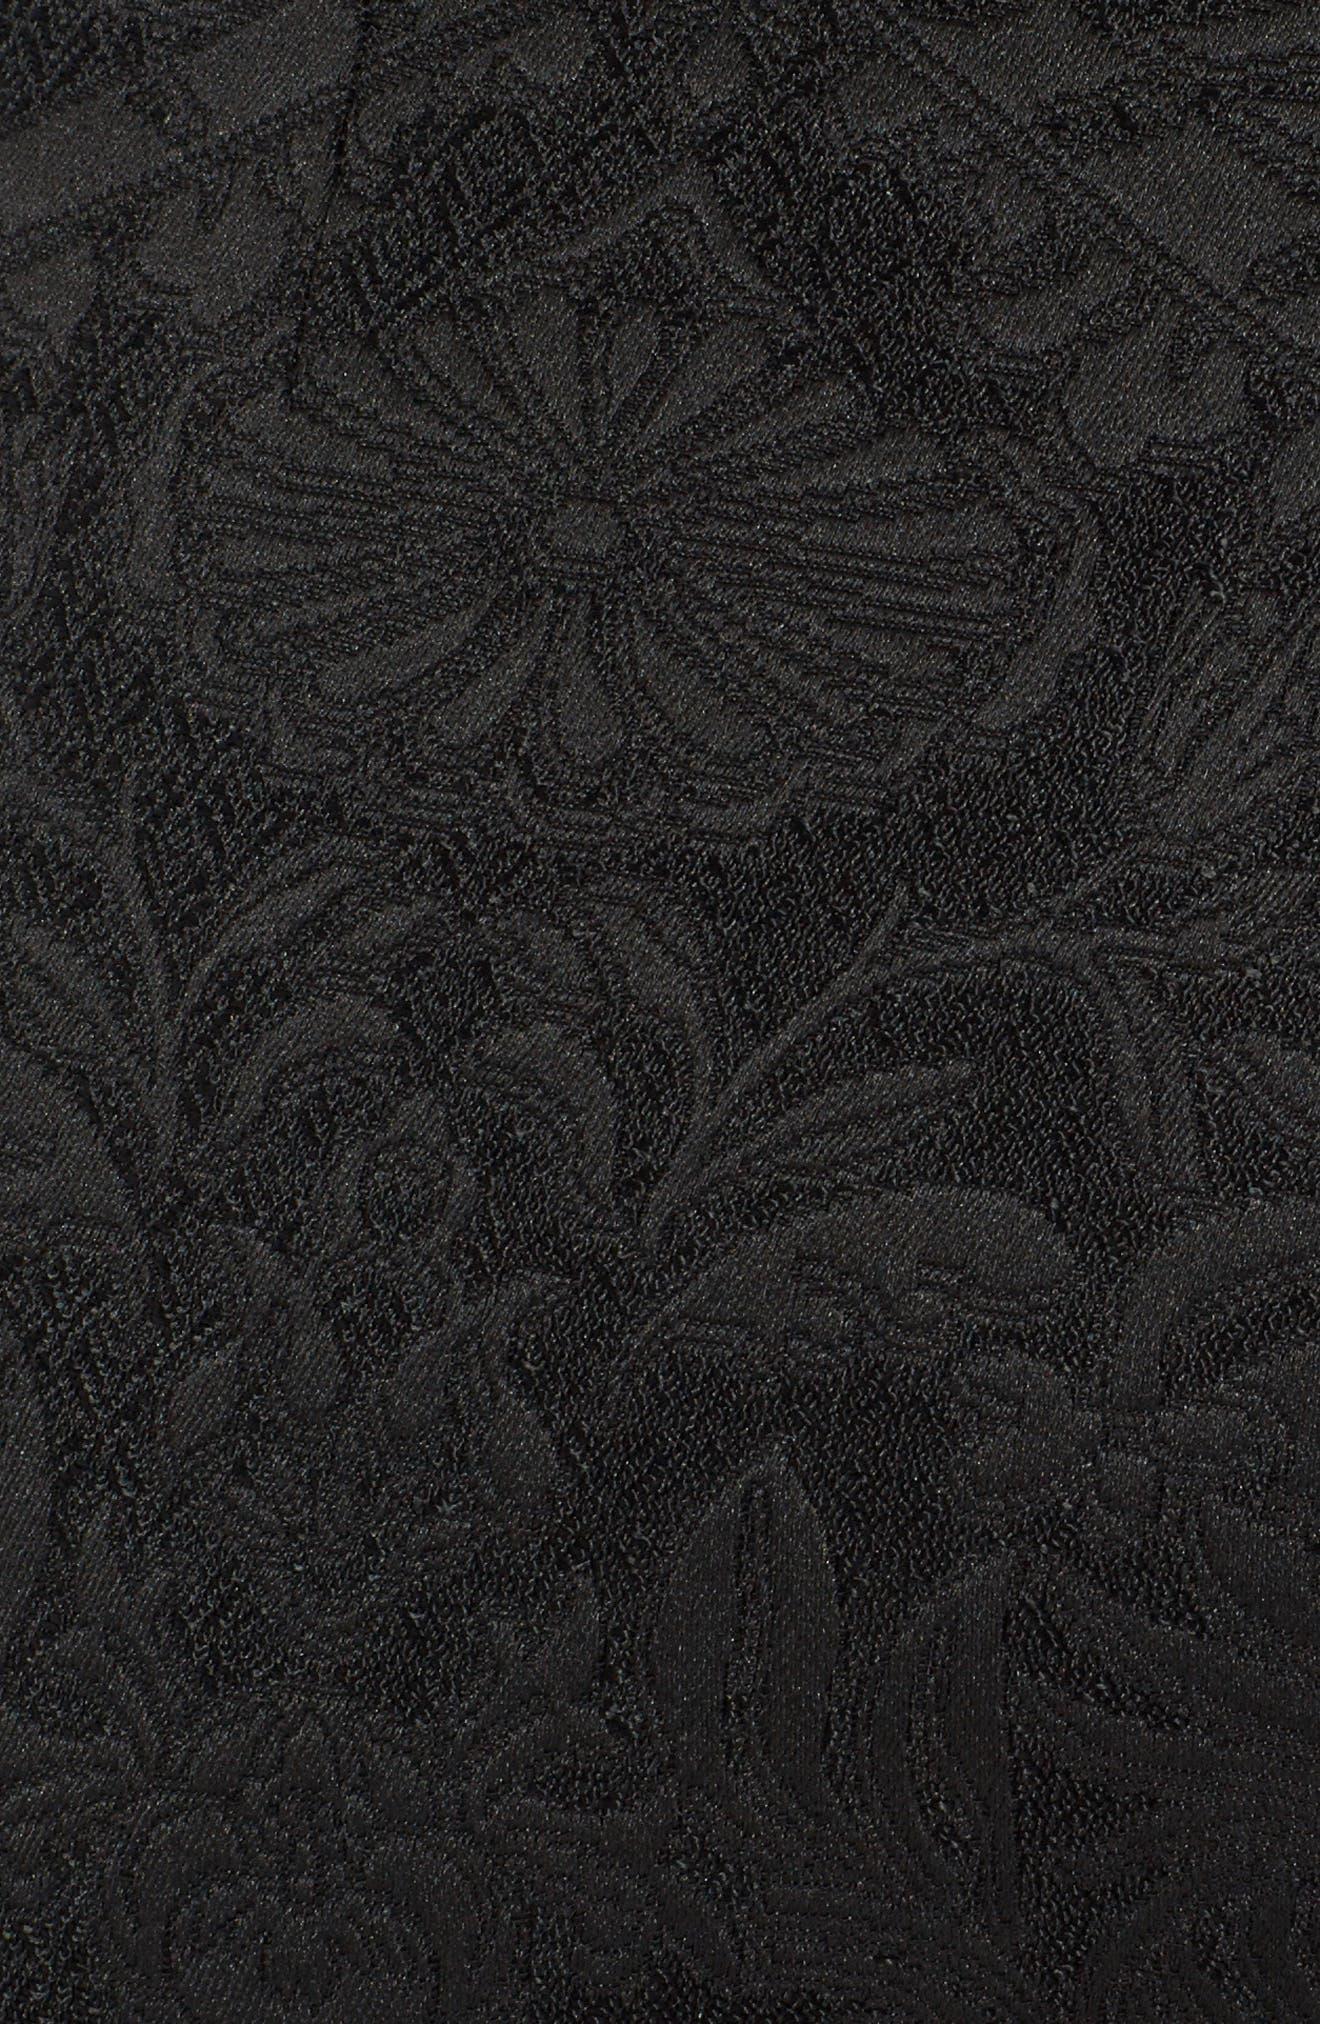 Stretch Jacquard Leggings,                             Alternate thumbnail 5, color,                             Black